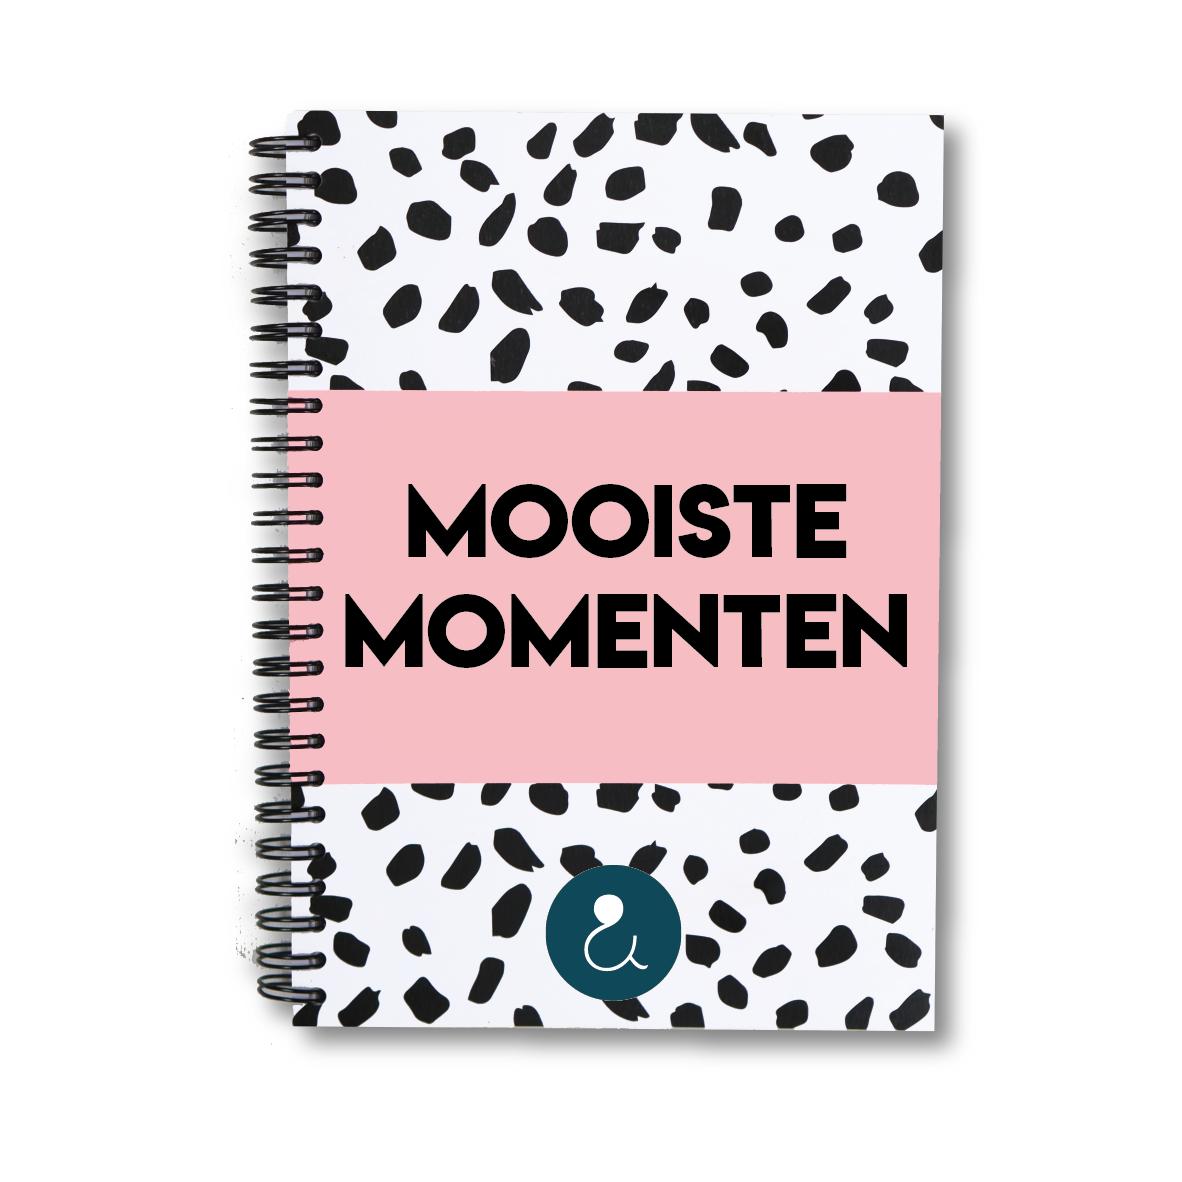 Mooiste momenten plakboek a5 | roze